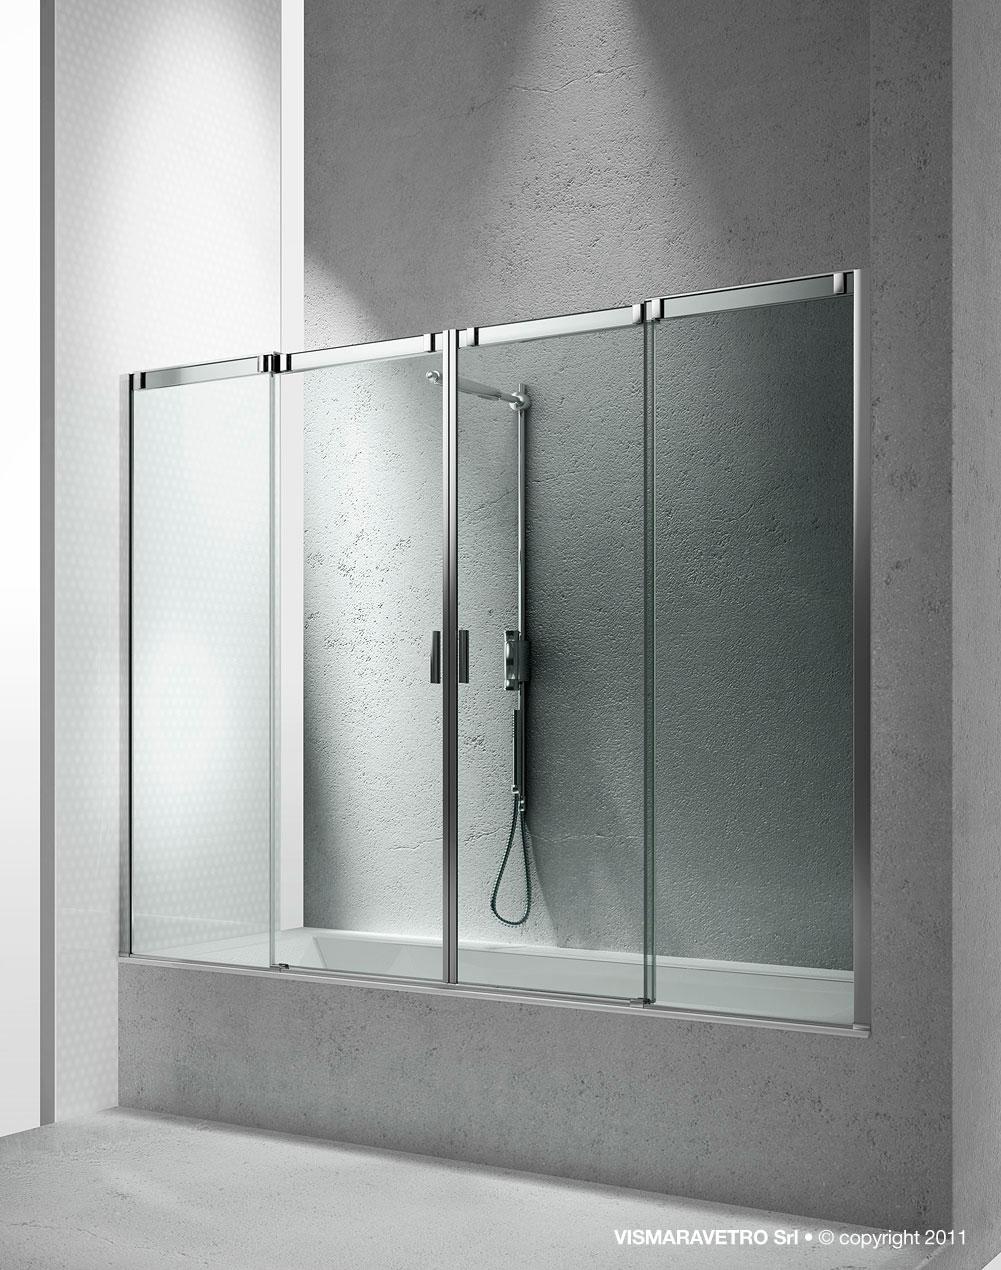 societe bagri cabinet douche et baignoire. Black Bedroom Furniture Sets. Home Design Ideas